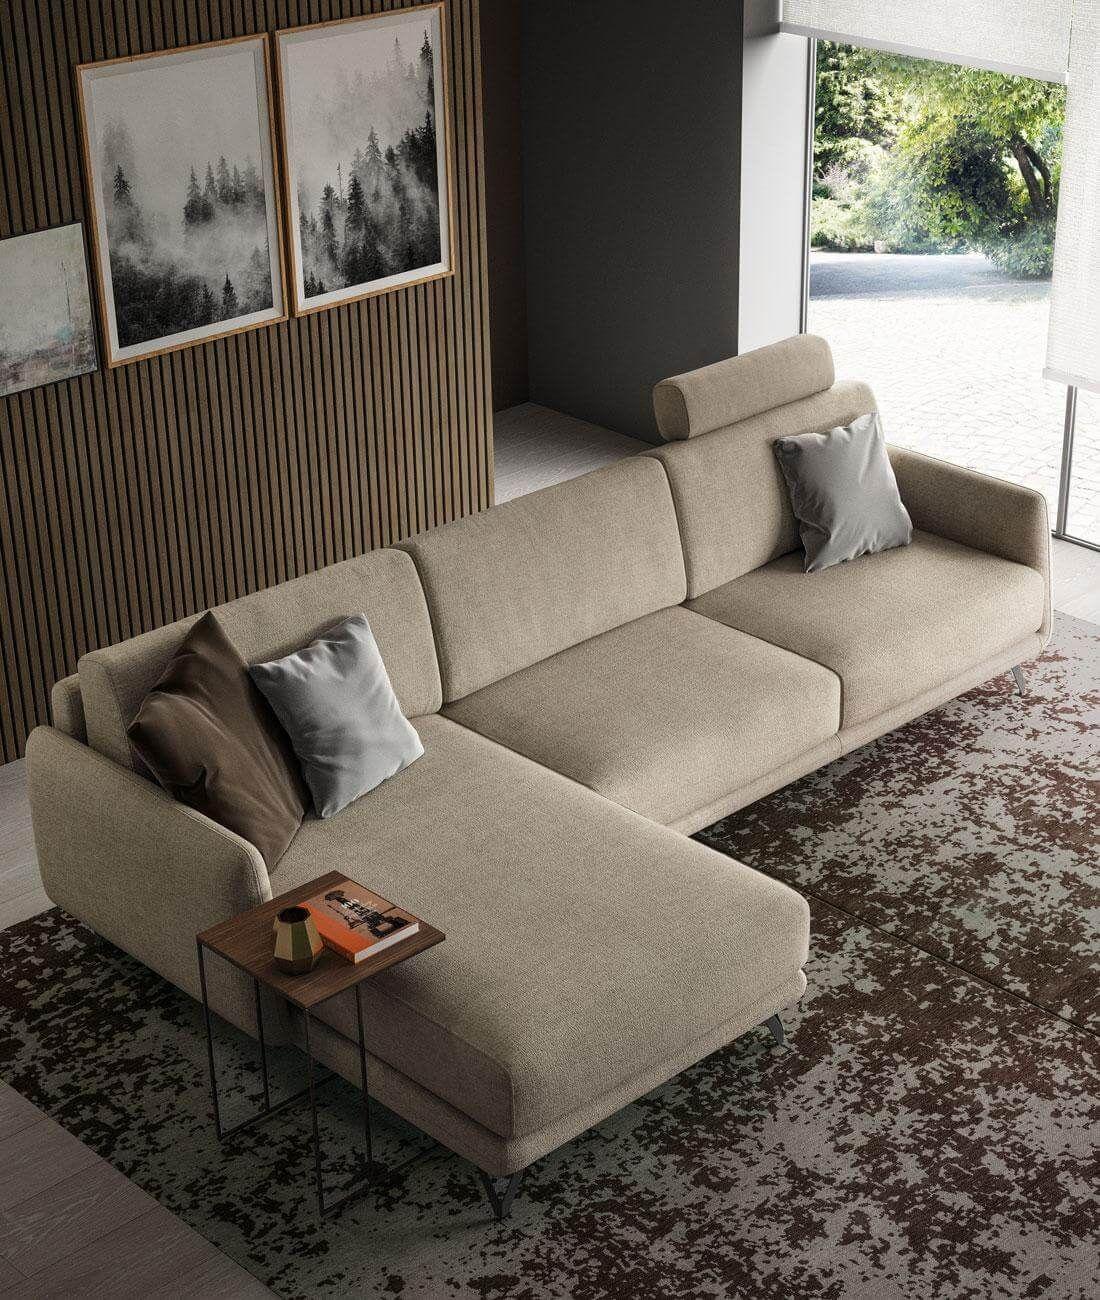 divano bristol penisola nel 2020 Divani, Divano moderno